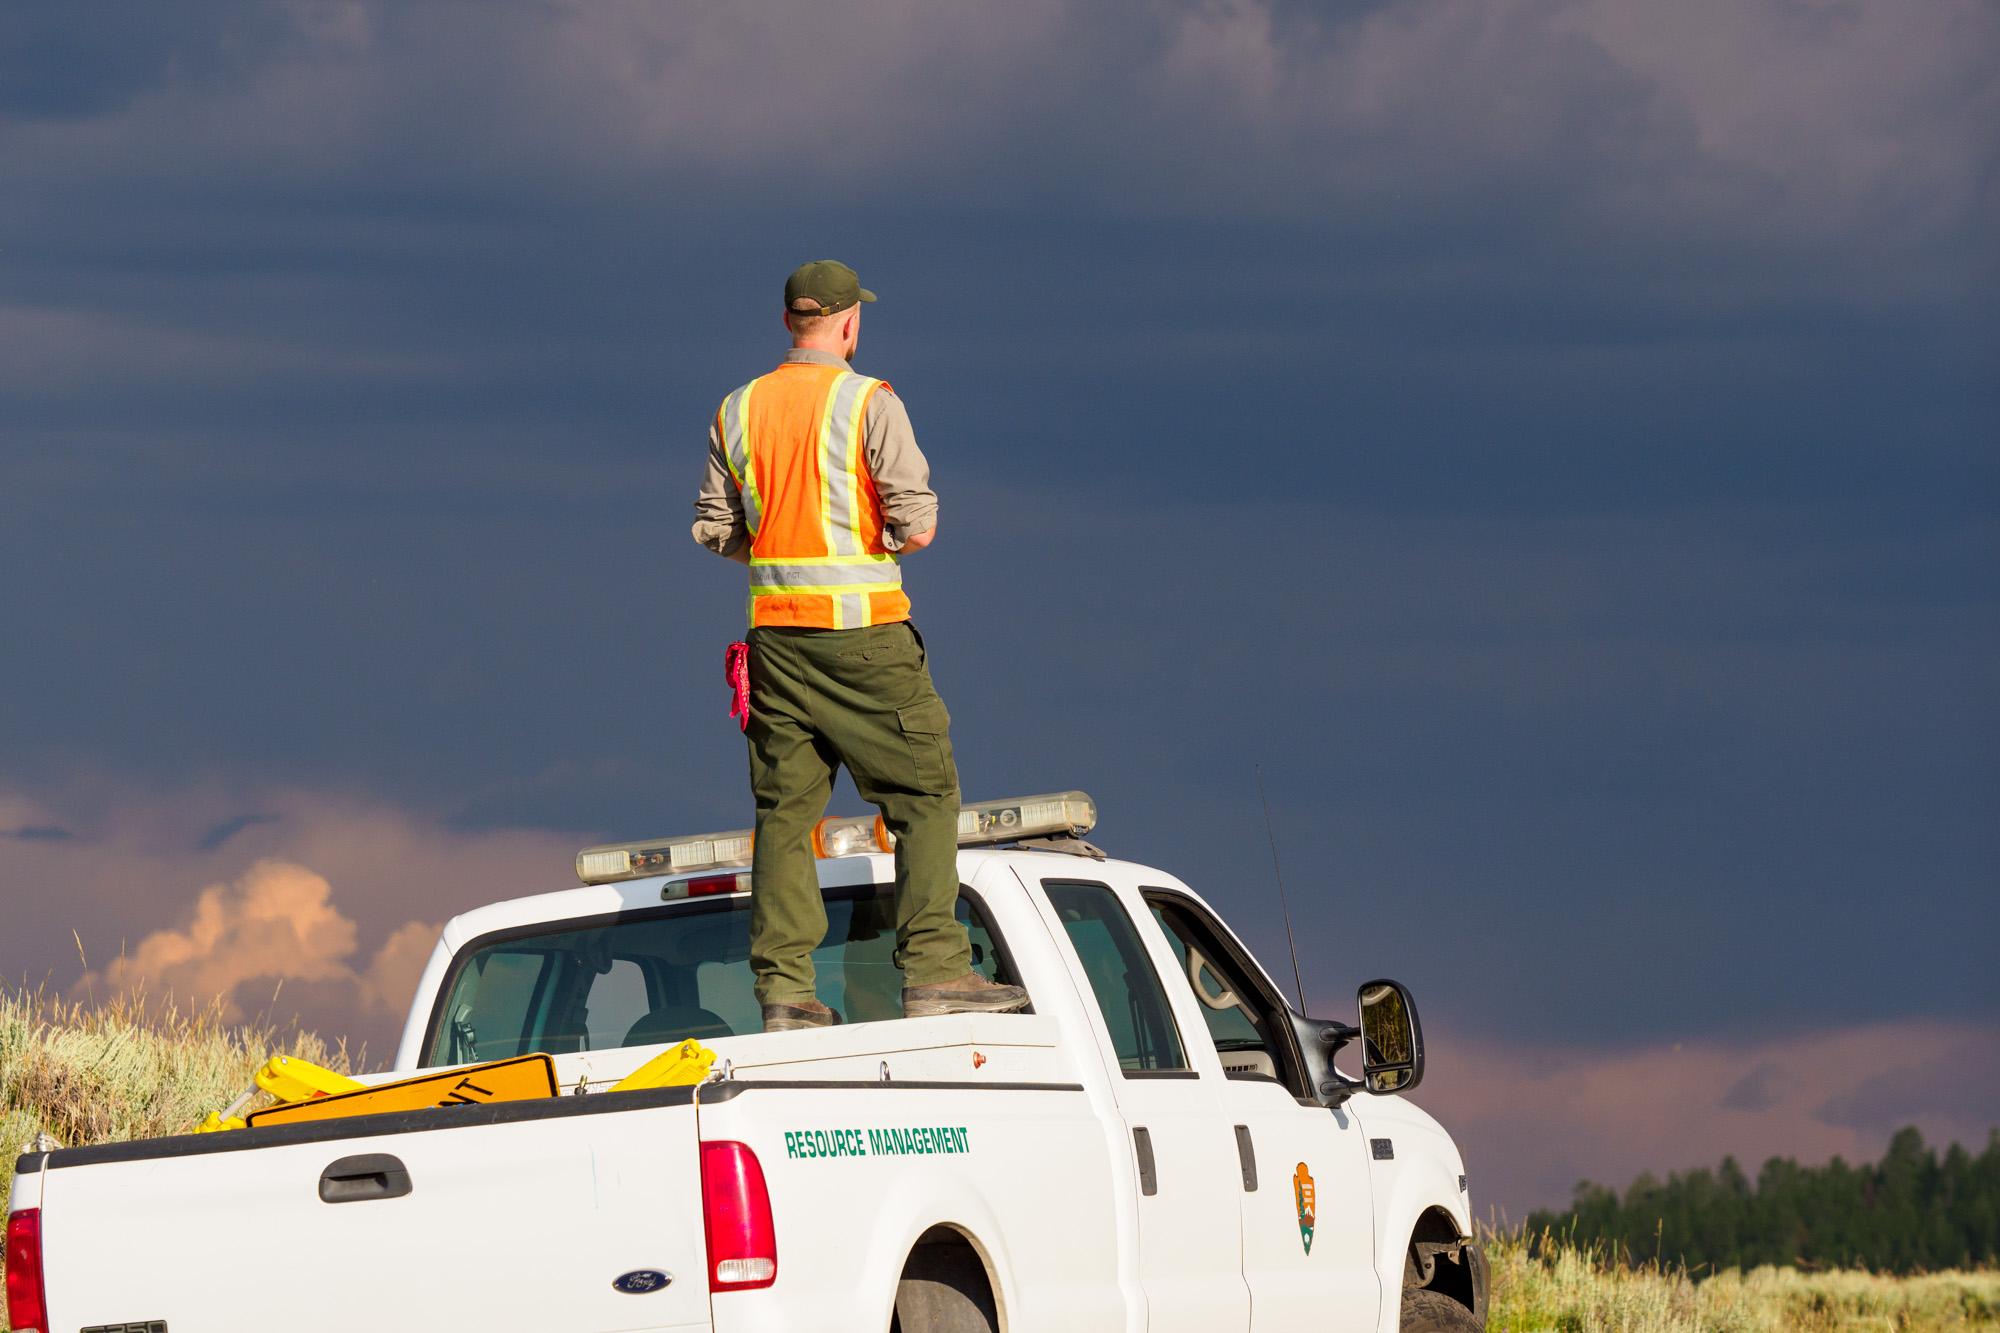 Yellowstone Nationalpark - Ranger sorgt für Ordnung im Hayden Valley